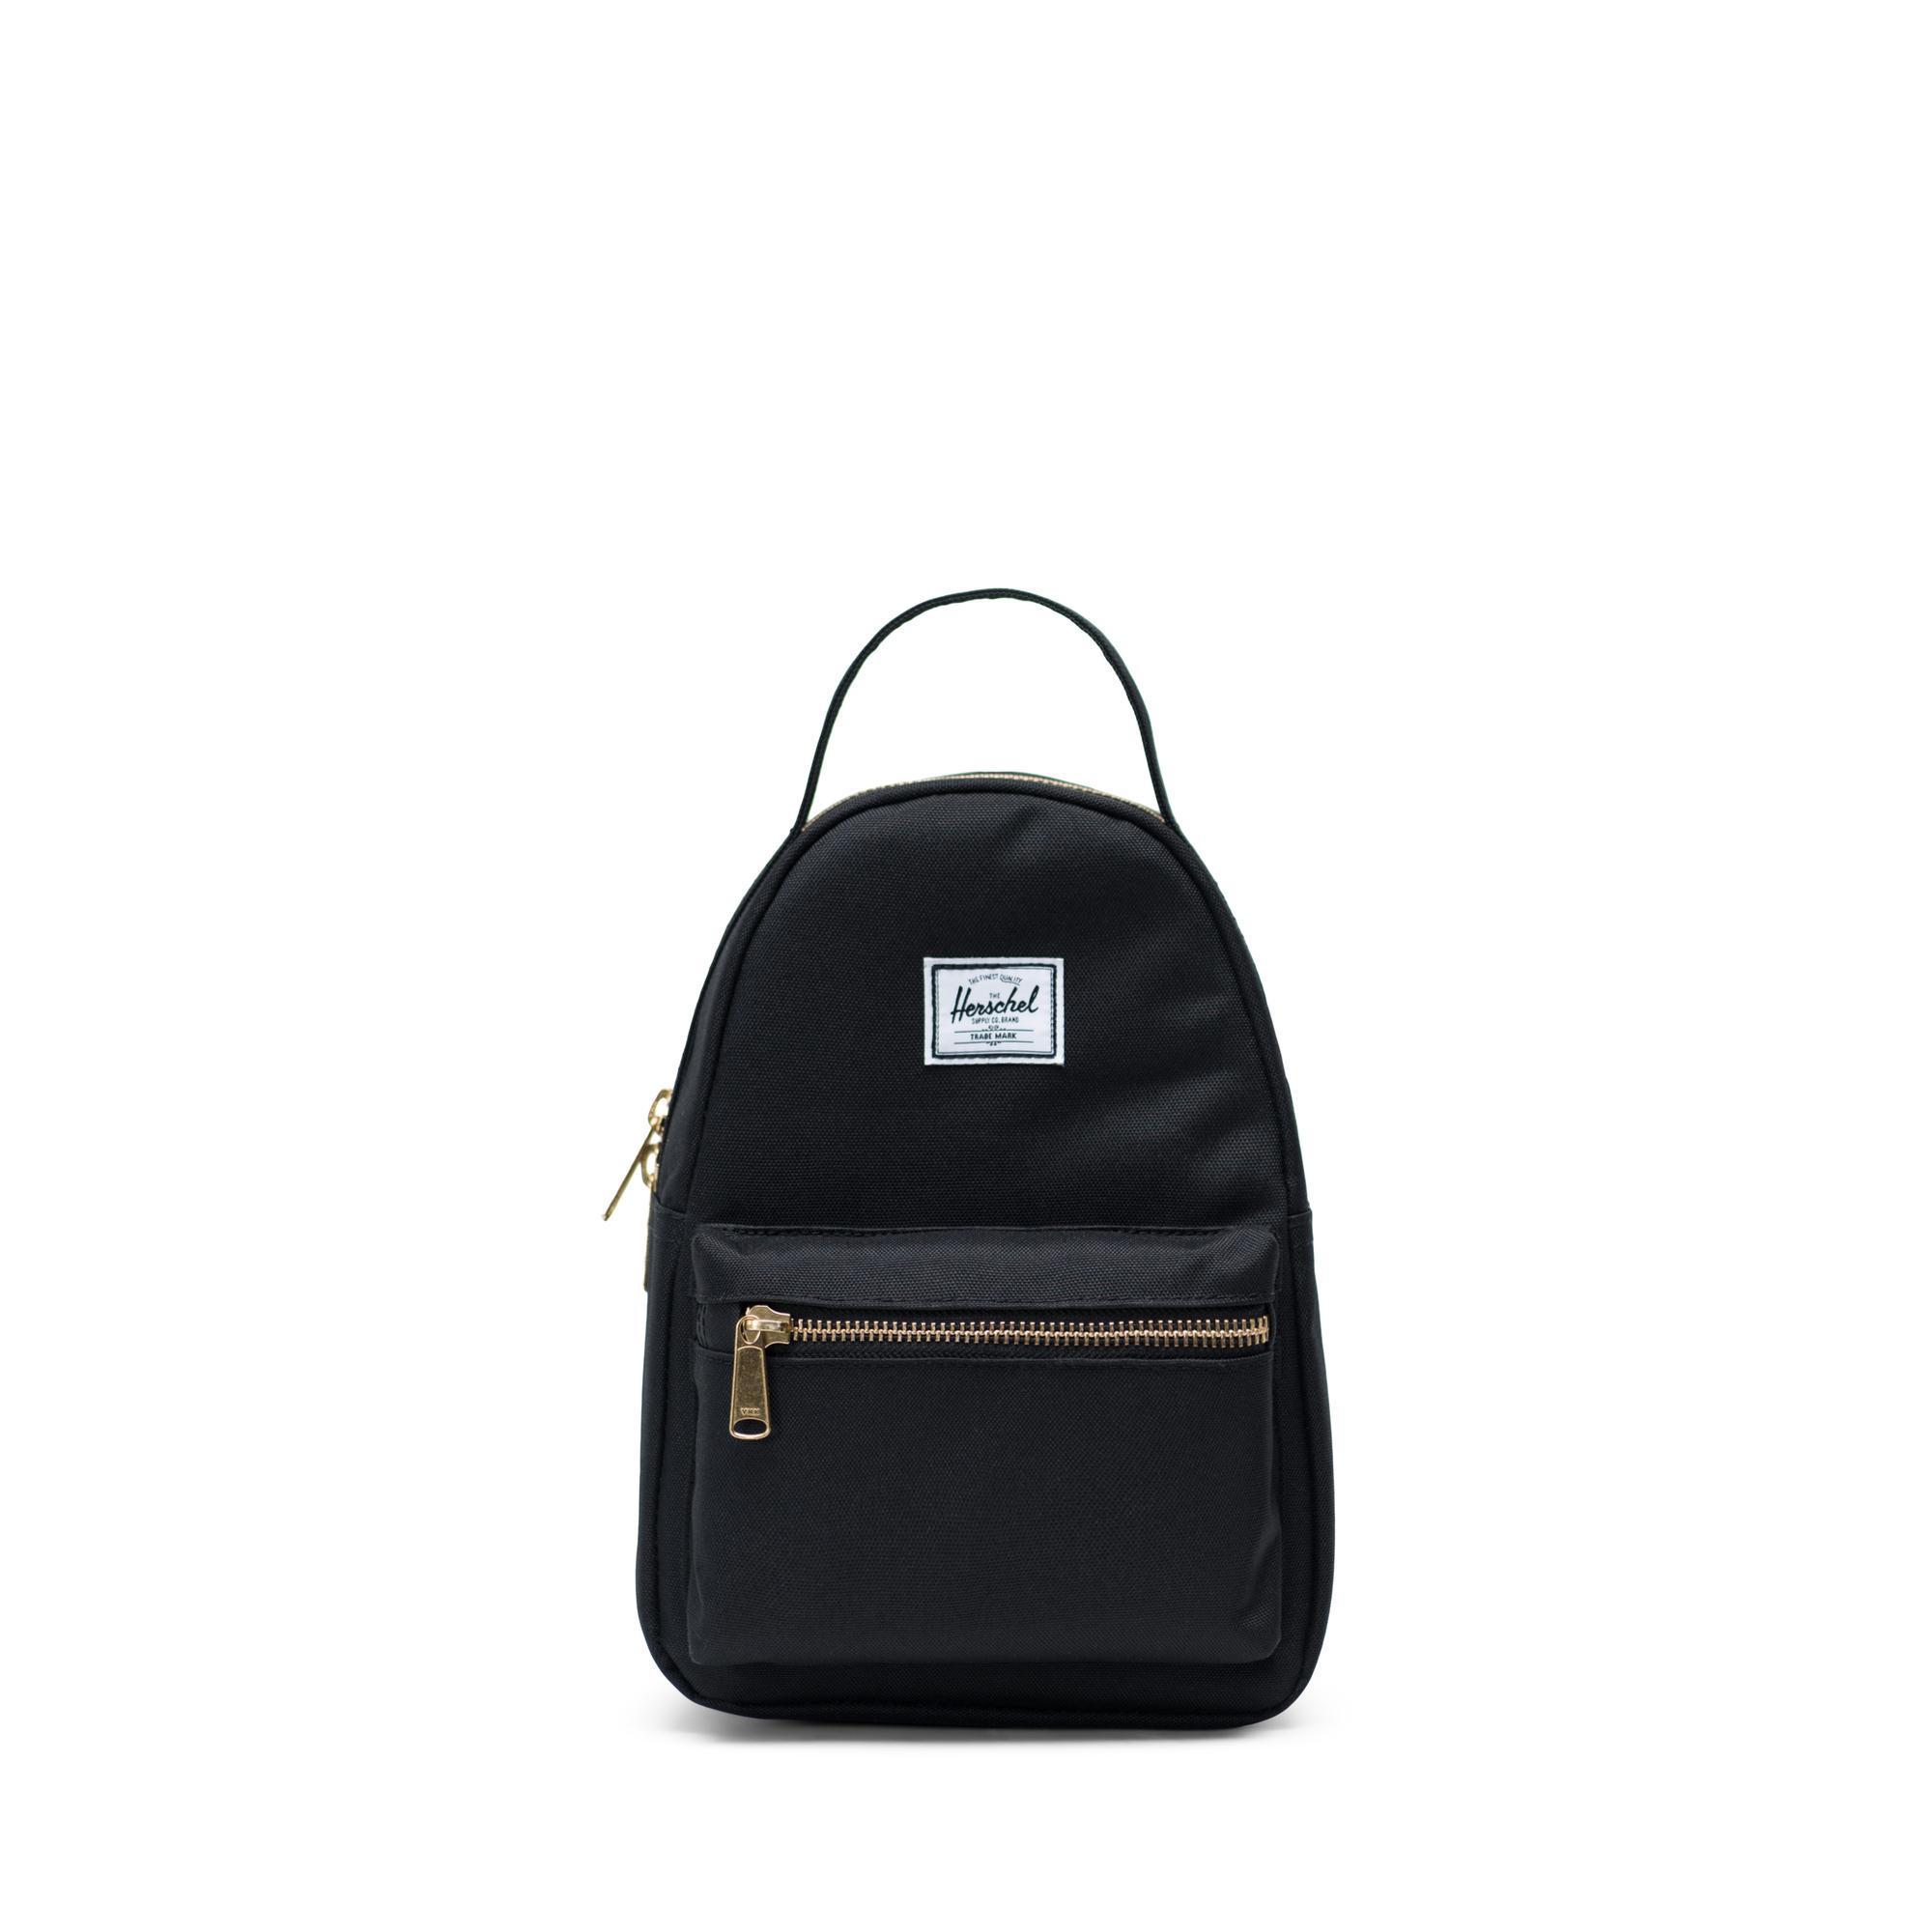 13dd813c05b Nova Backpack Mini